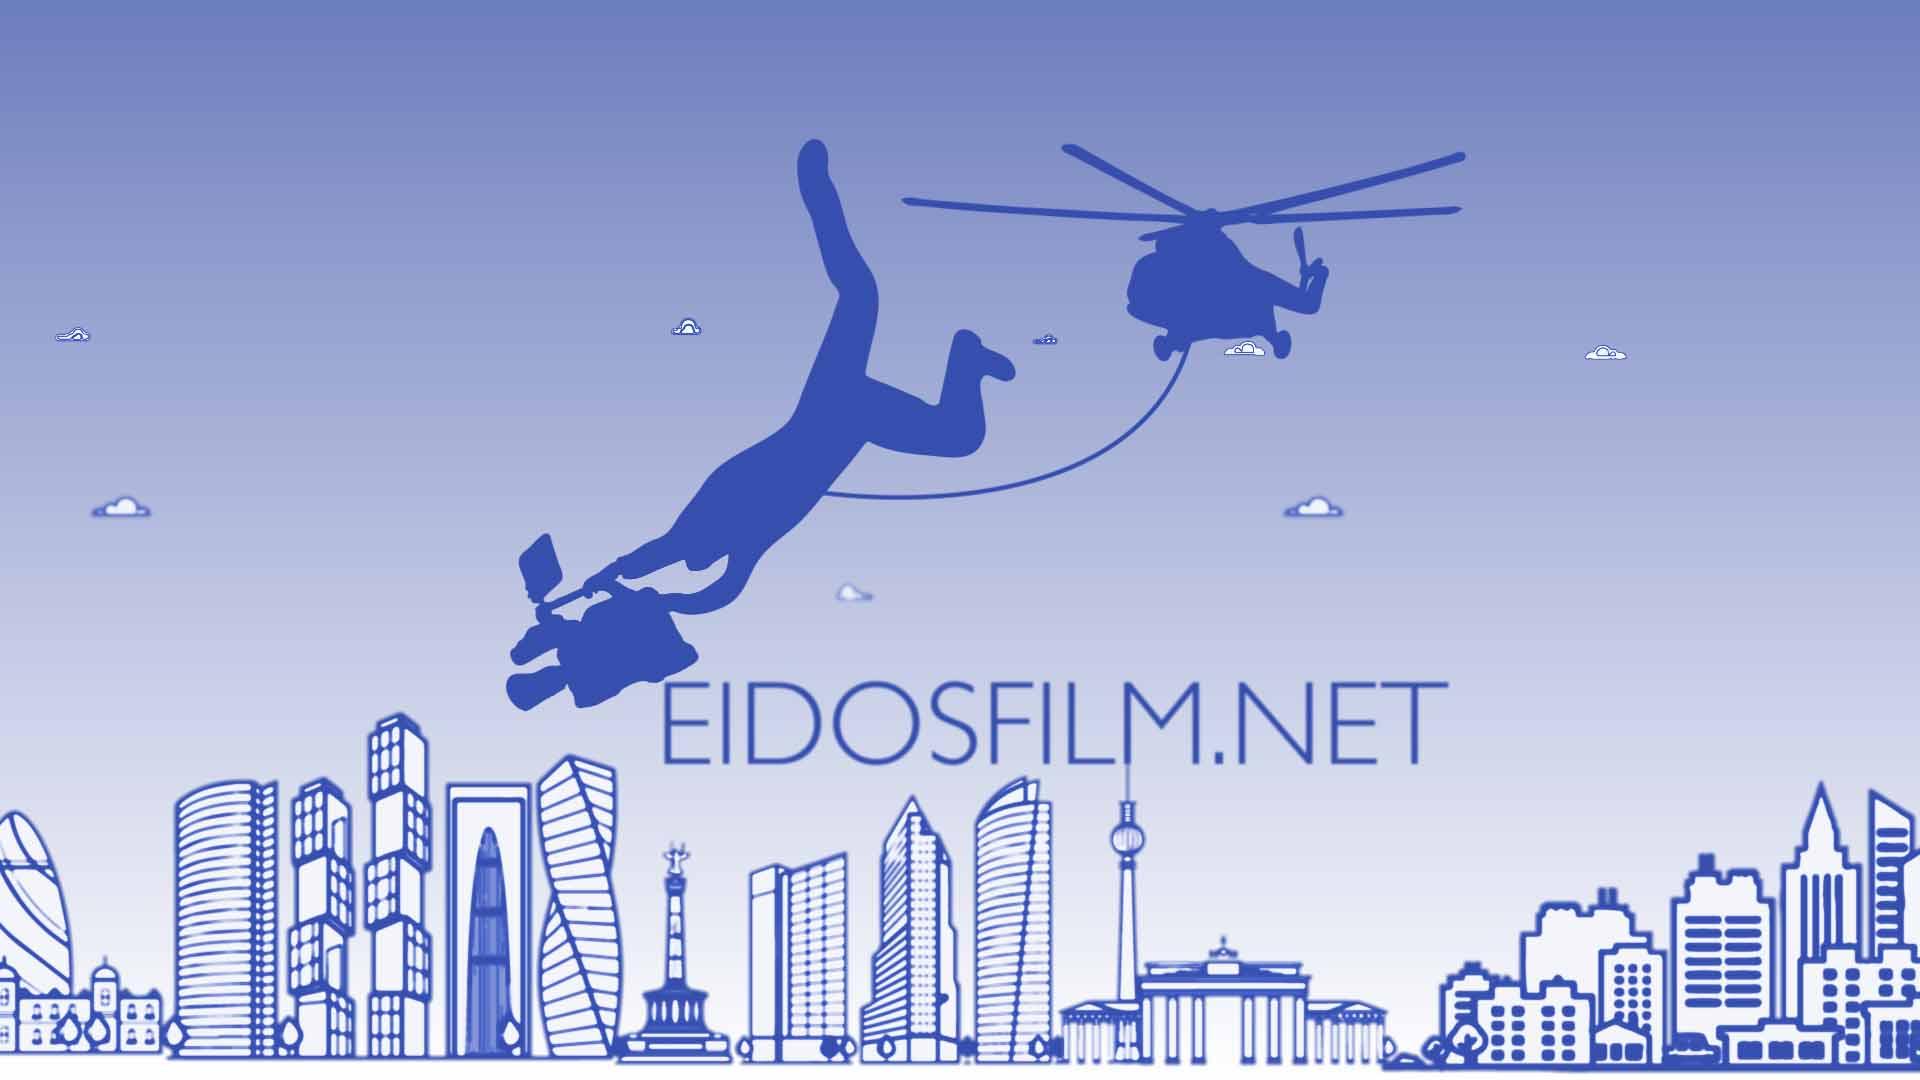 Киностудия и видеопродакшн полного цикла EidosFilm